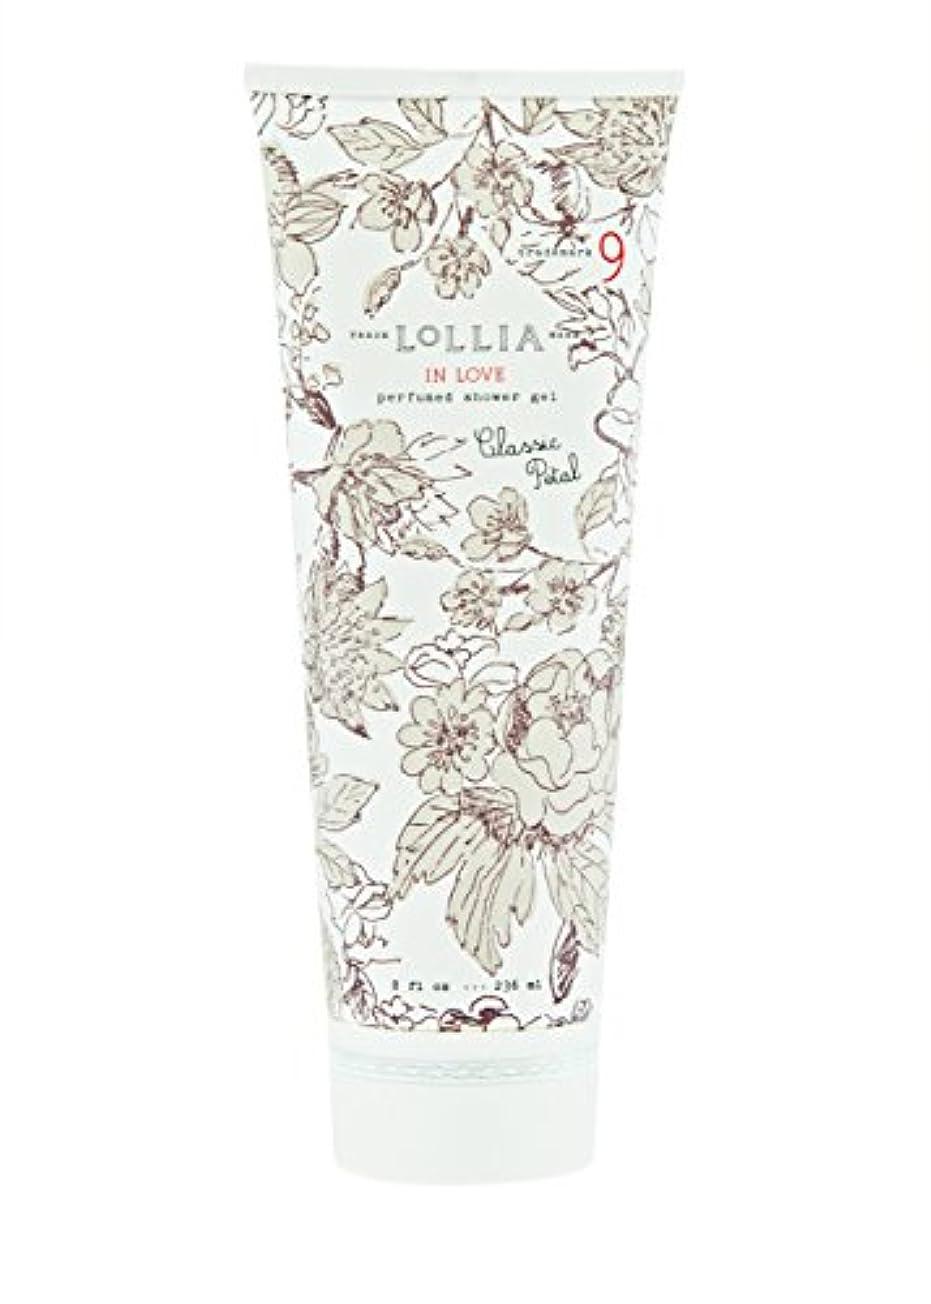 実現可能性聞く行動ロリア(LoLLIA) パフュームドシャワージェル InLove 236ml(全身用洗浄料 ボディーソープ アップルブロッサム、ジャスミン、ローズのフルーティで爽やかな香り)